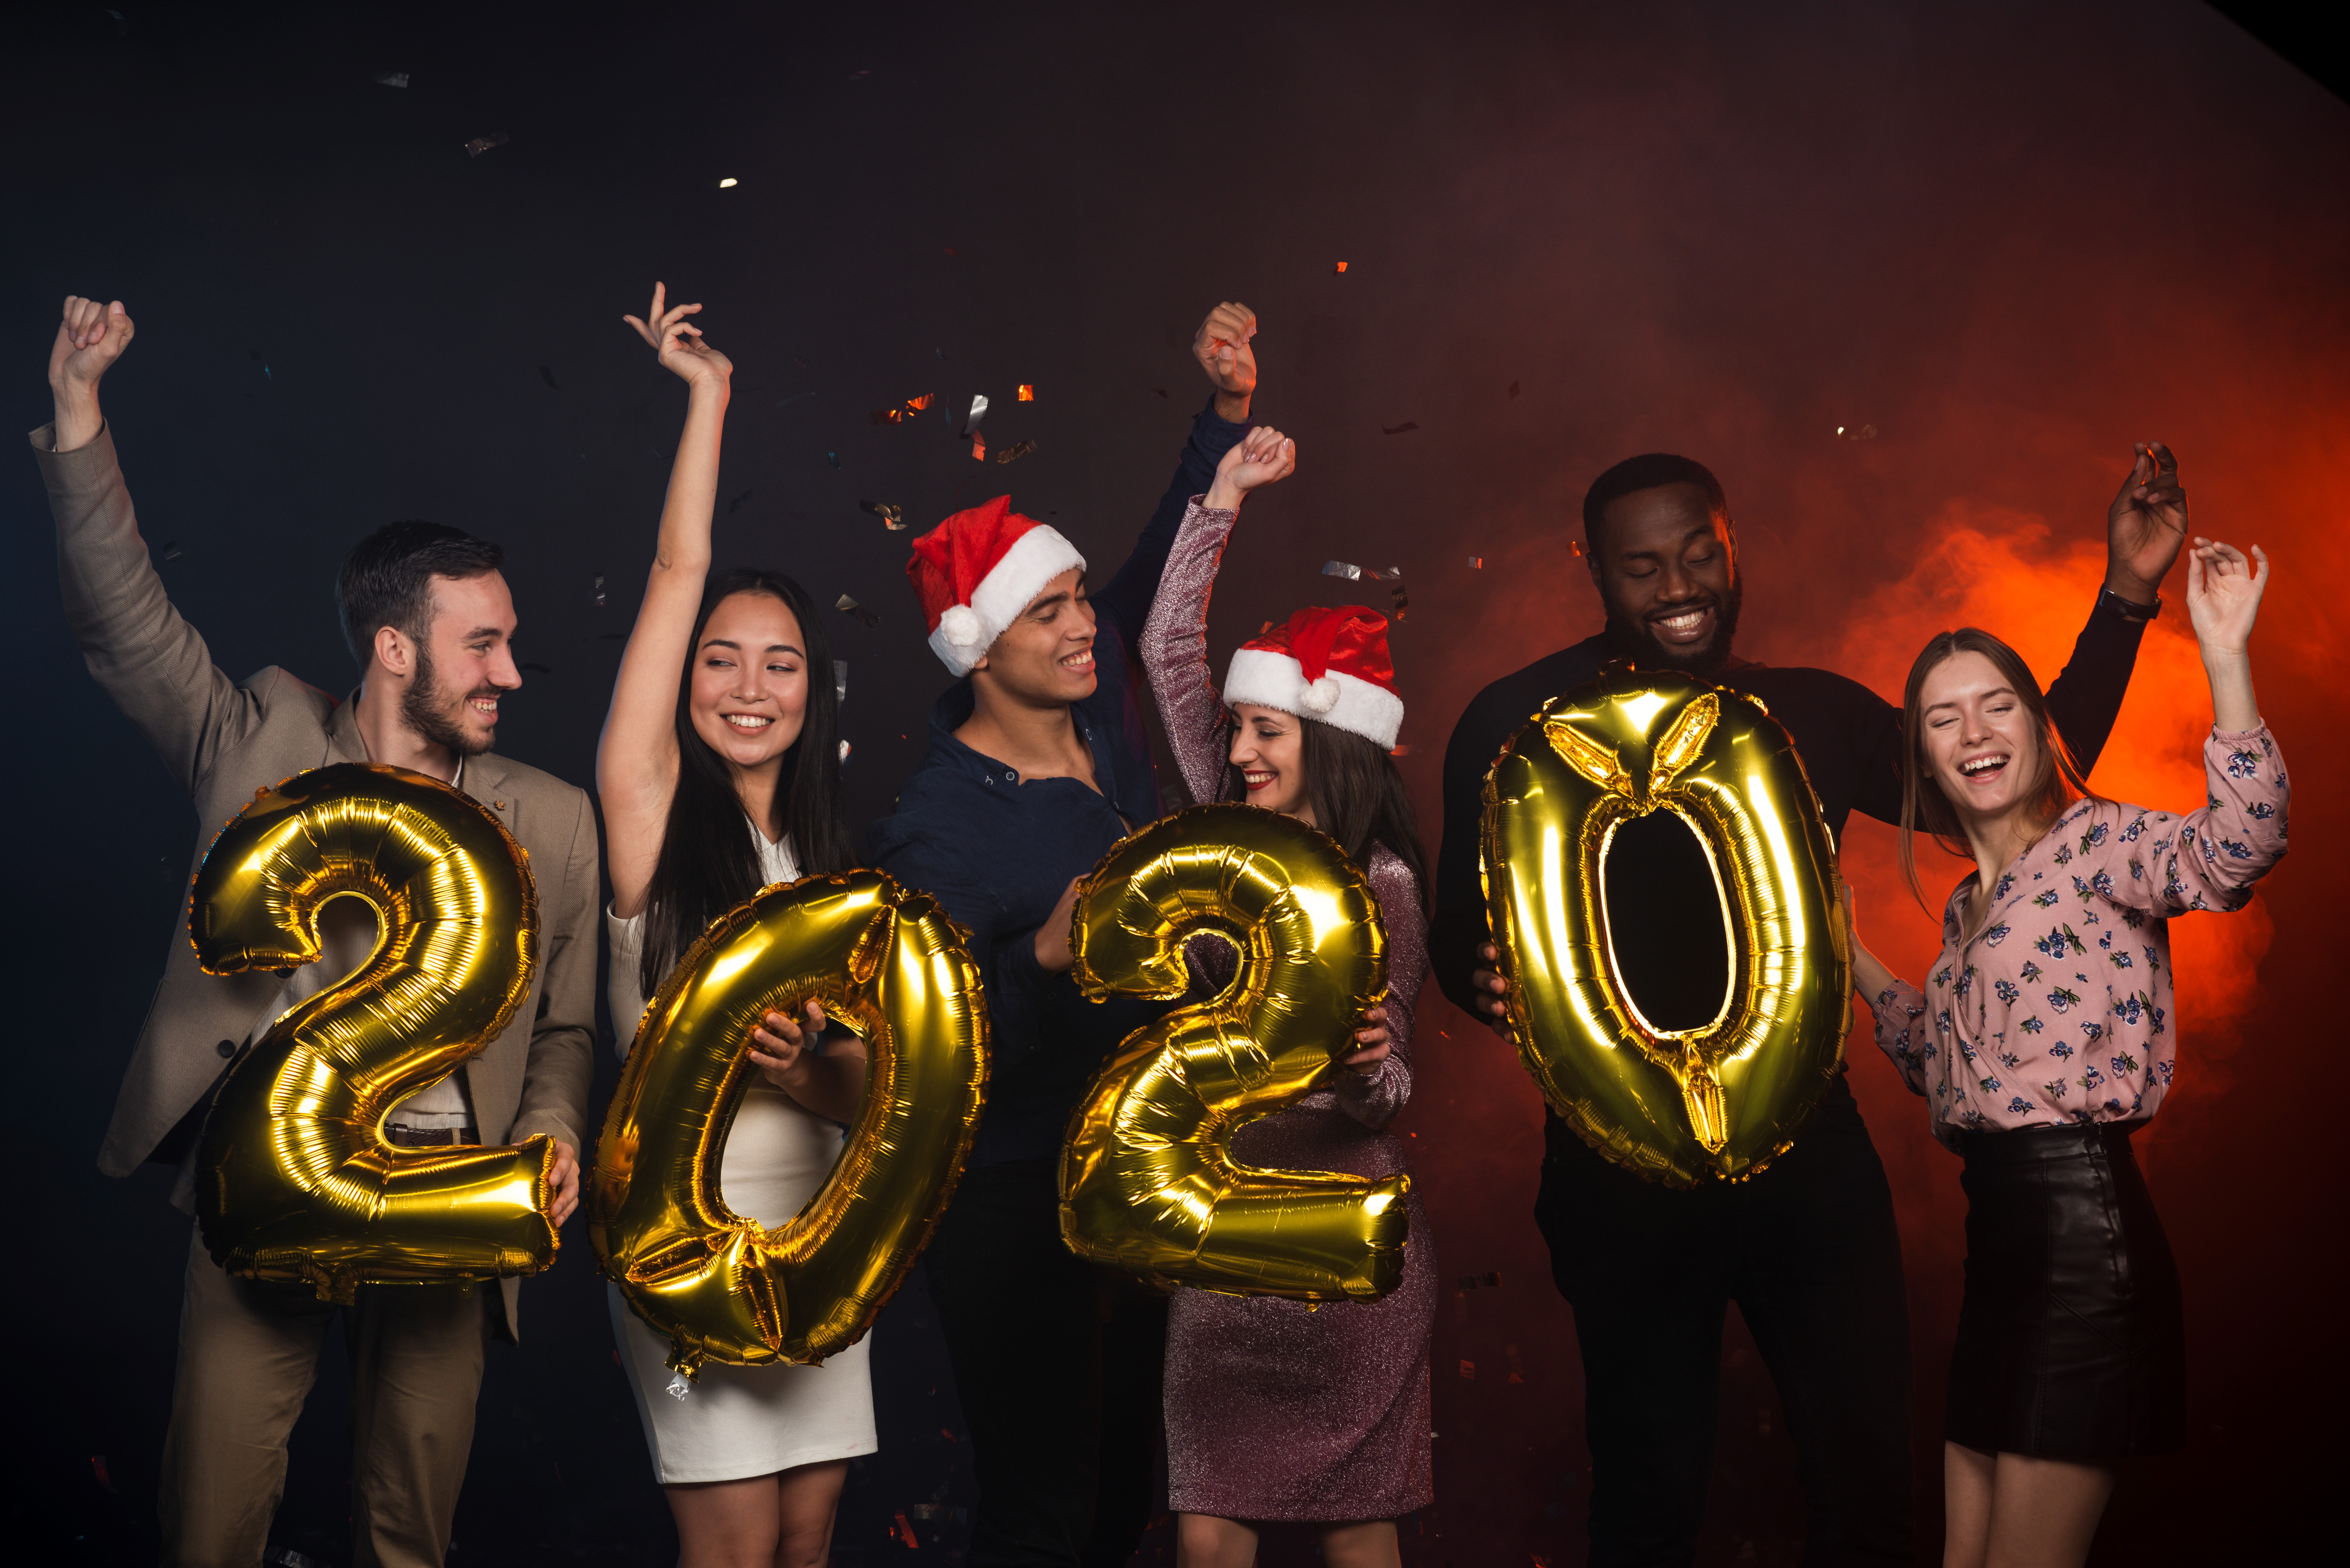 Boas festas e até 2020!